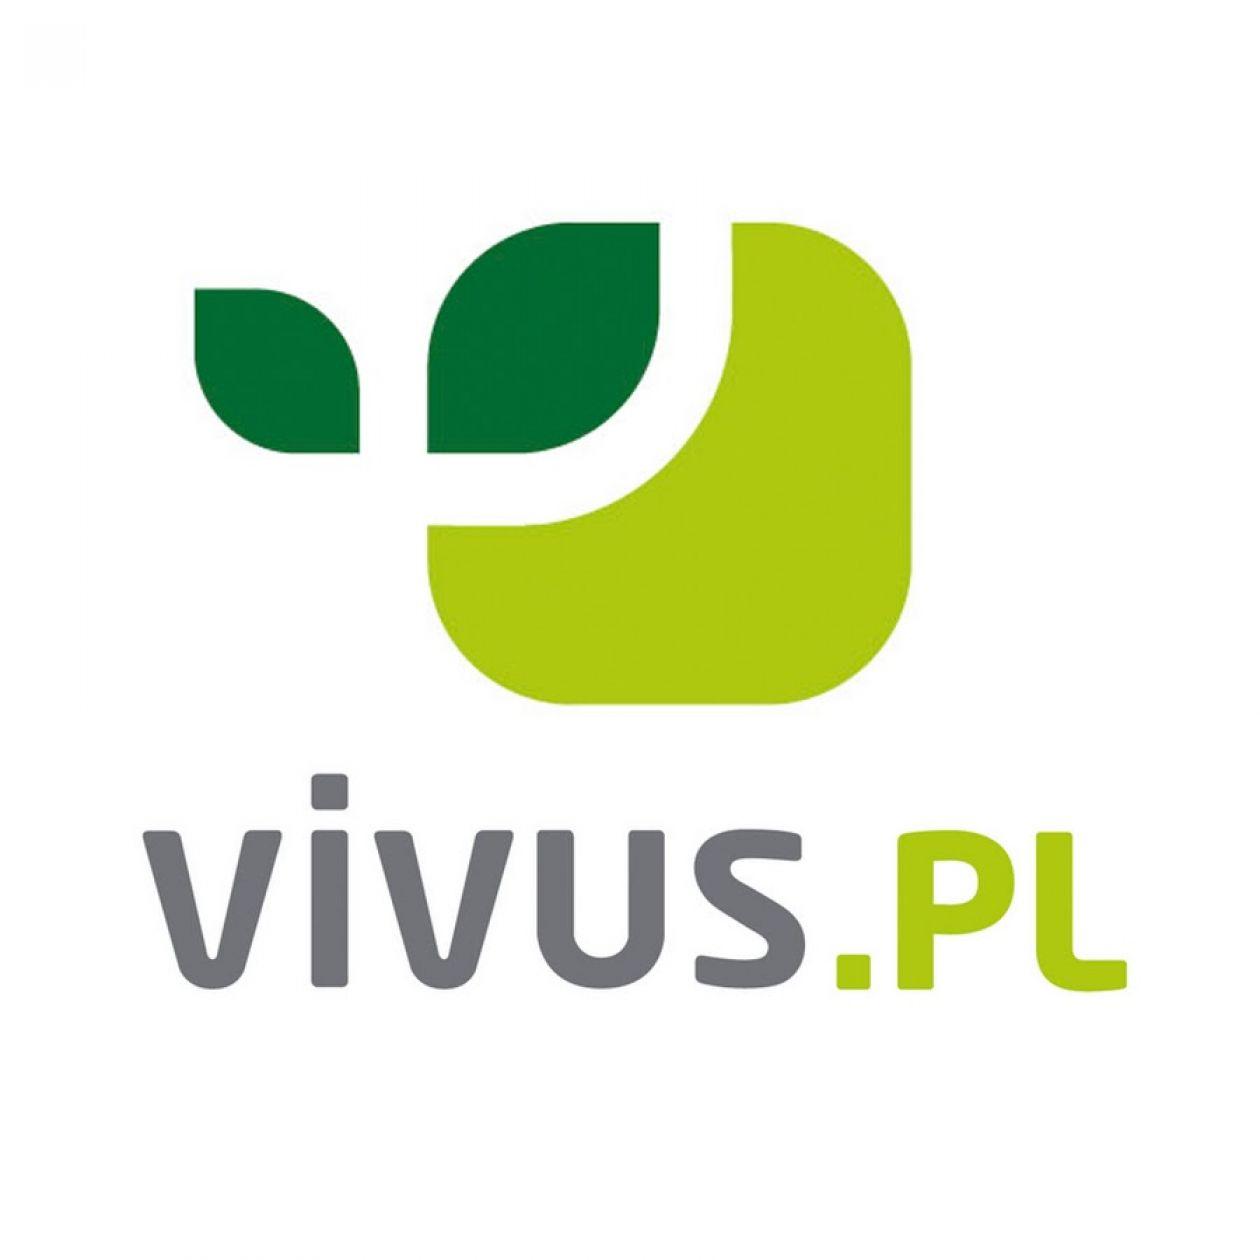 получить онлайн займ на vivus ru